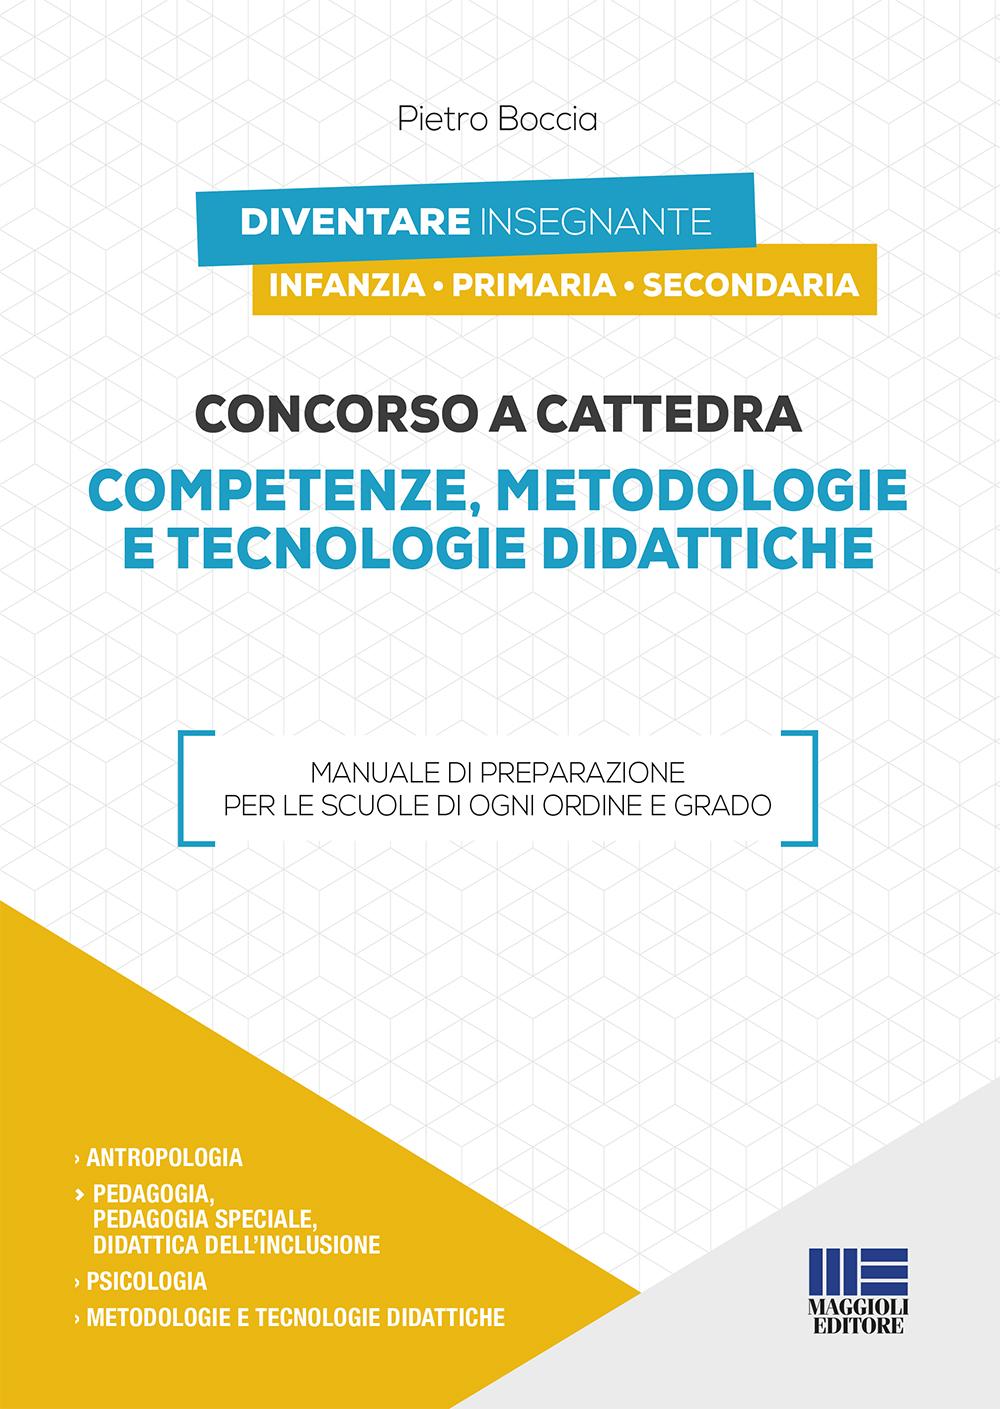 Concorso a cattedra 2019 manuale didattica- Libro carta